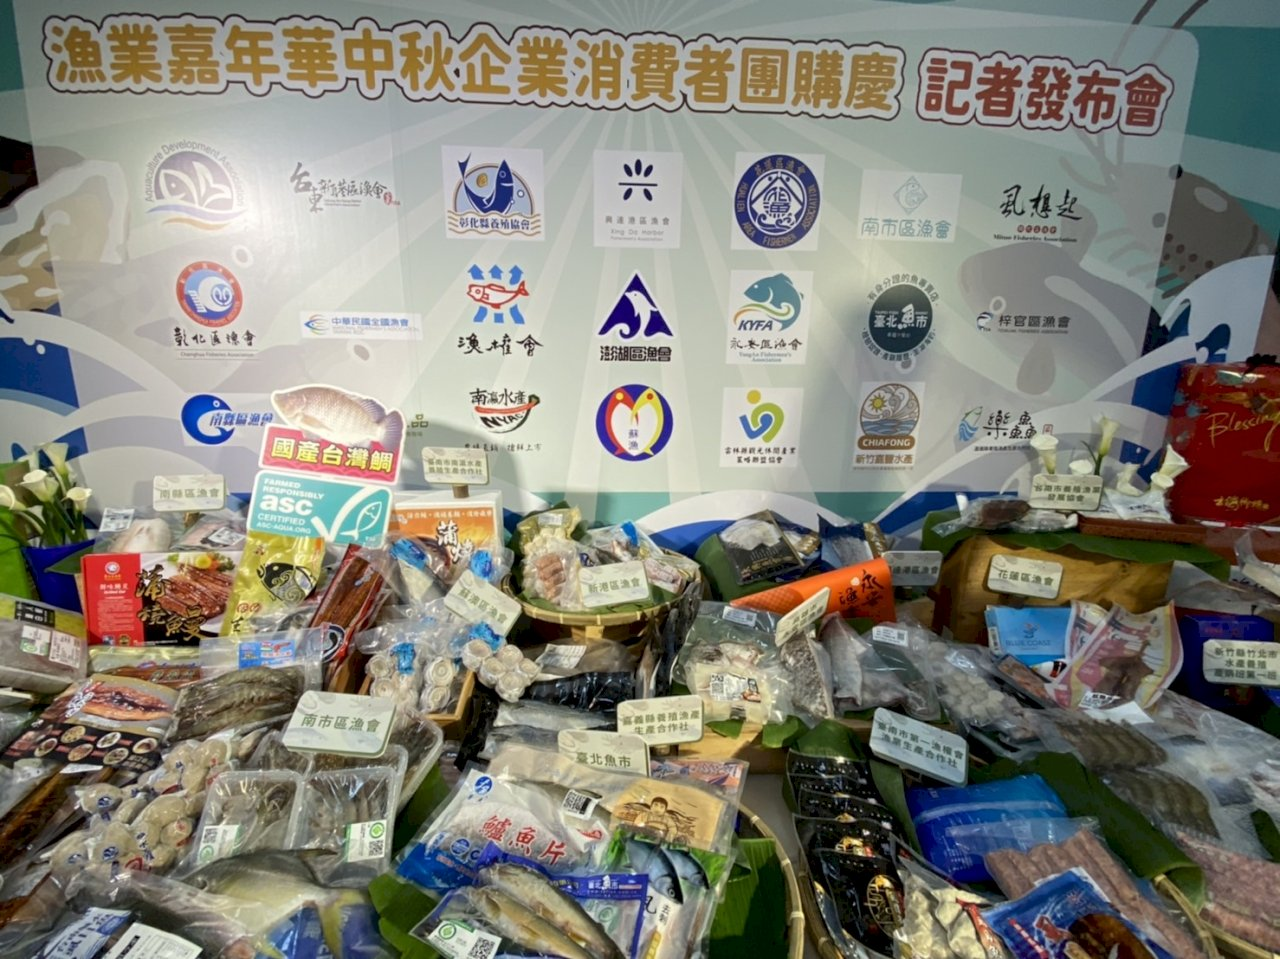 推國產魚貨 陳吉仲:高三那年每天吃魚上台大